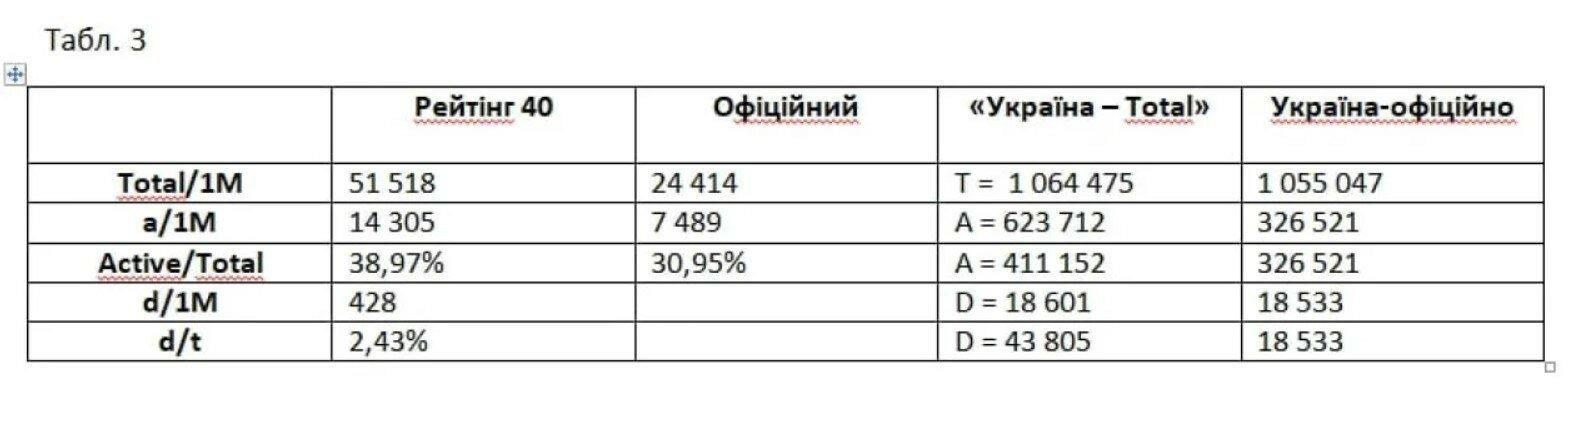 90_tqnzav7_big.jpg